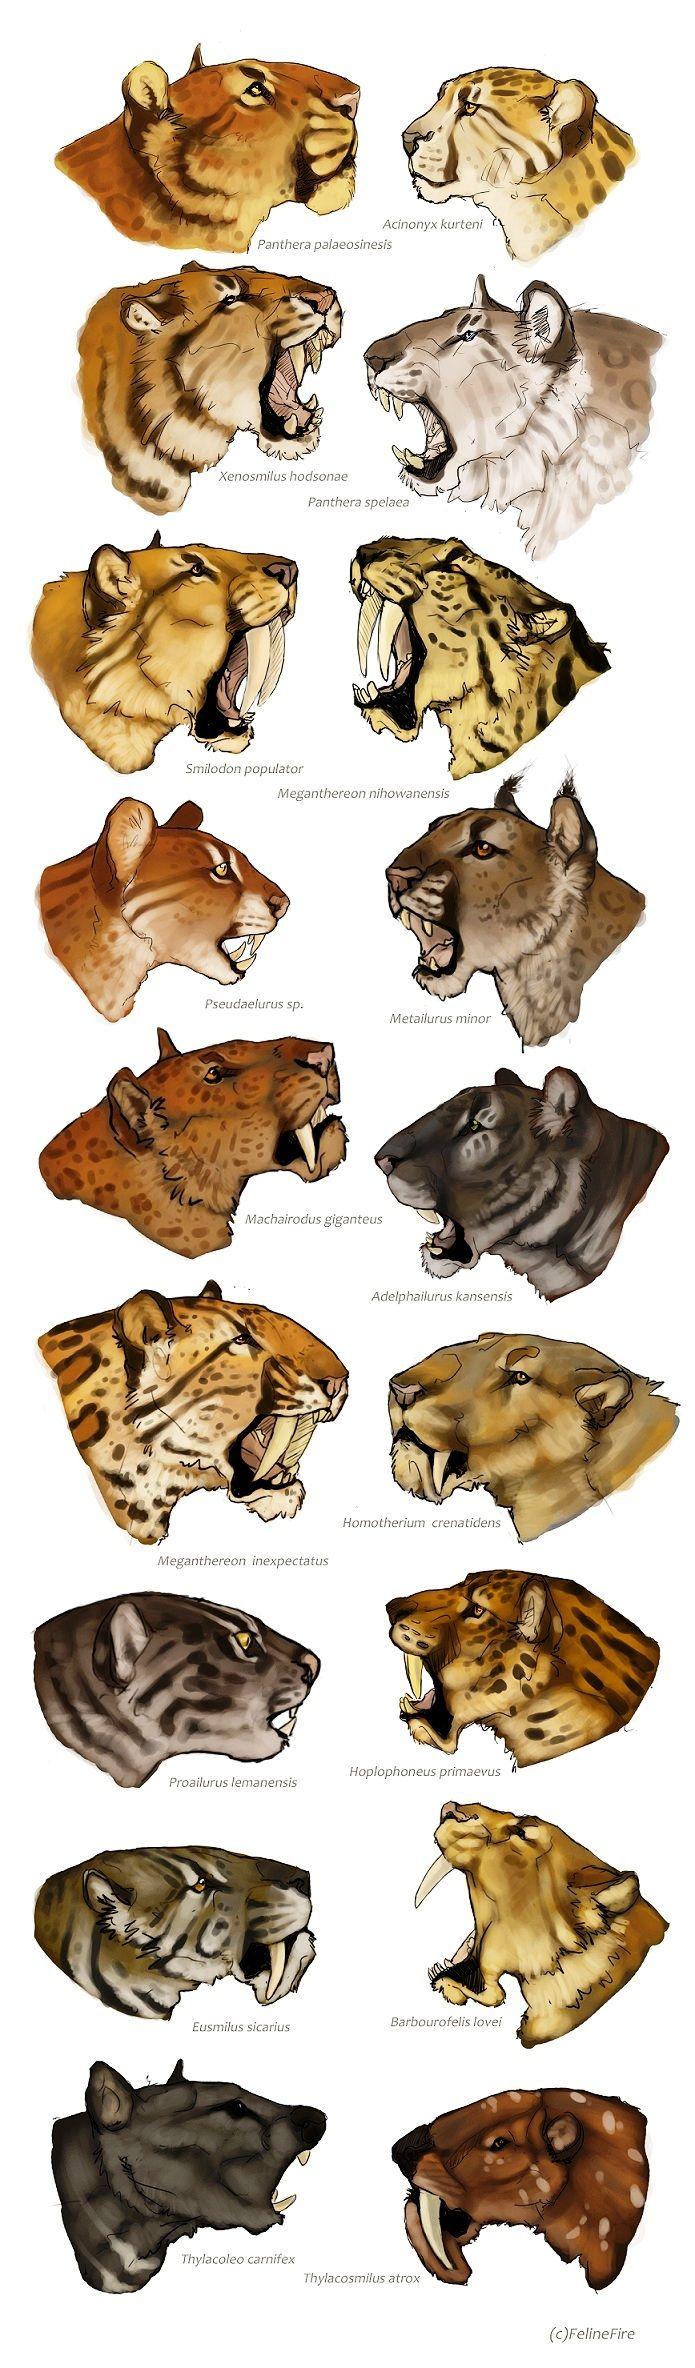 Panthera, Acinonyx, Xenosmilus, Smilodon, Megantereon, Pseudaelurus, Metailurus, Machairodus, Adelphailurus, Homotherium, Proailurus, Hoplophoneus, Eusmilus, Barbourofelis, Thylacoleo, Thylascomilus